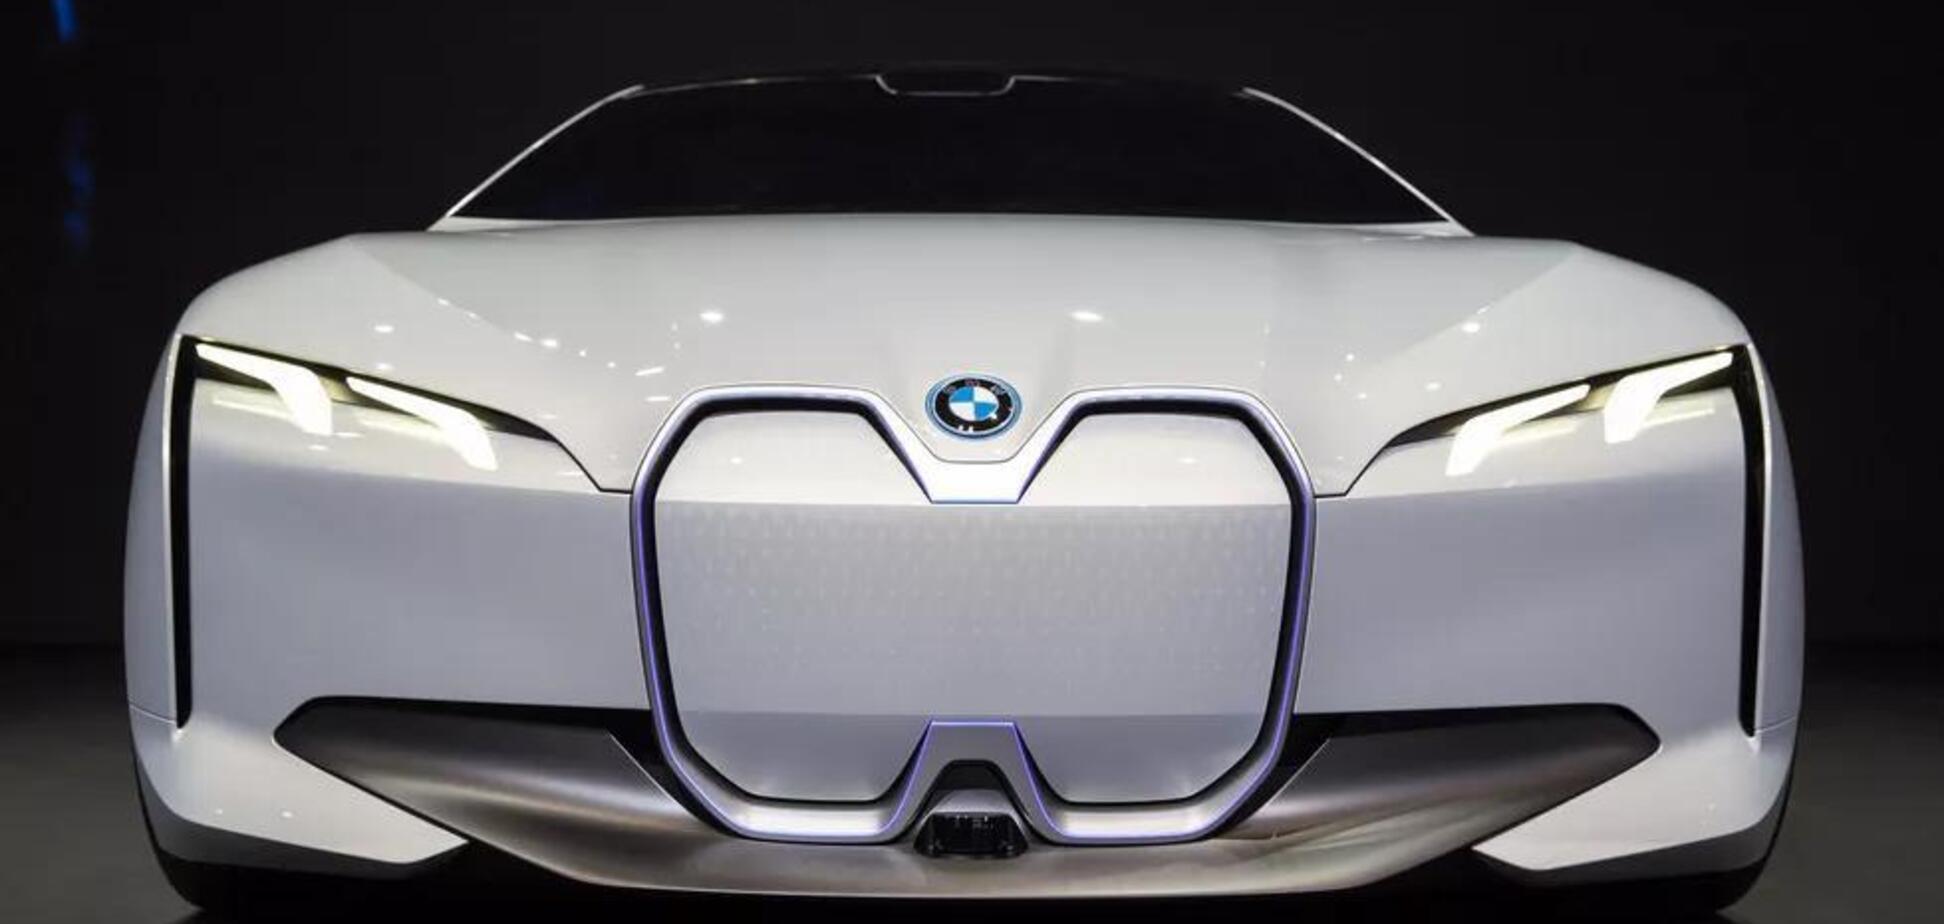 BMW розкрила інформацію про перше електричне купе: дата виходу і характеристики